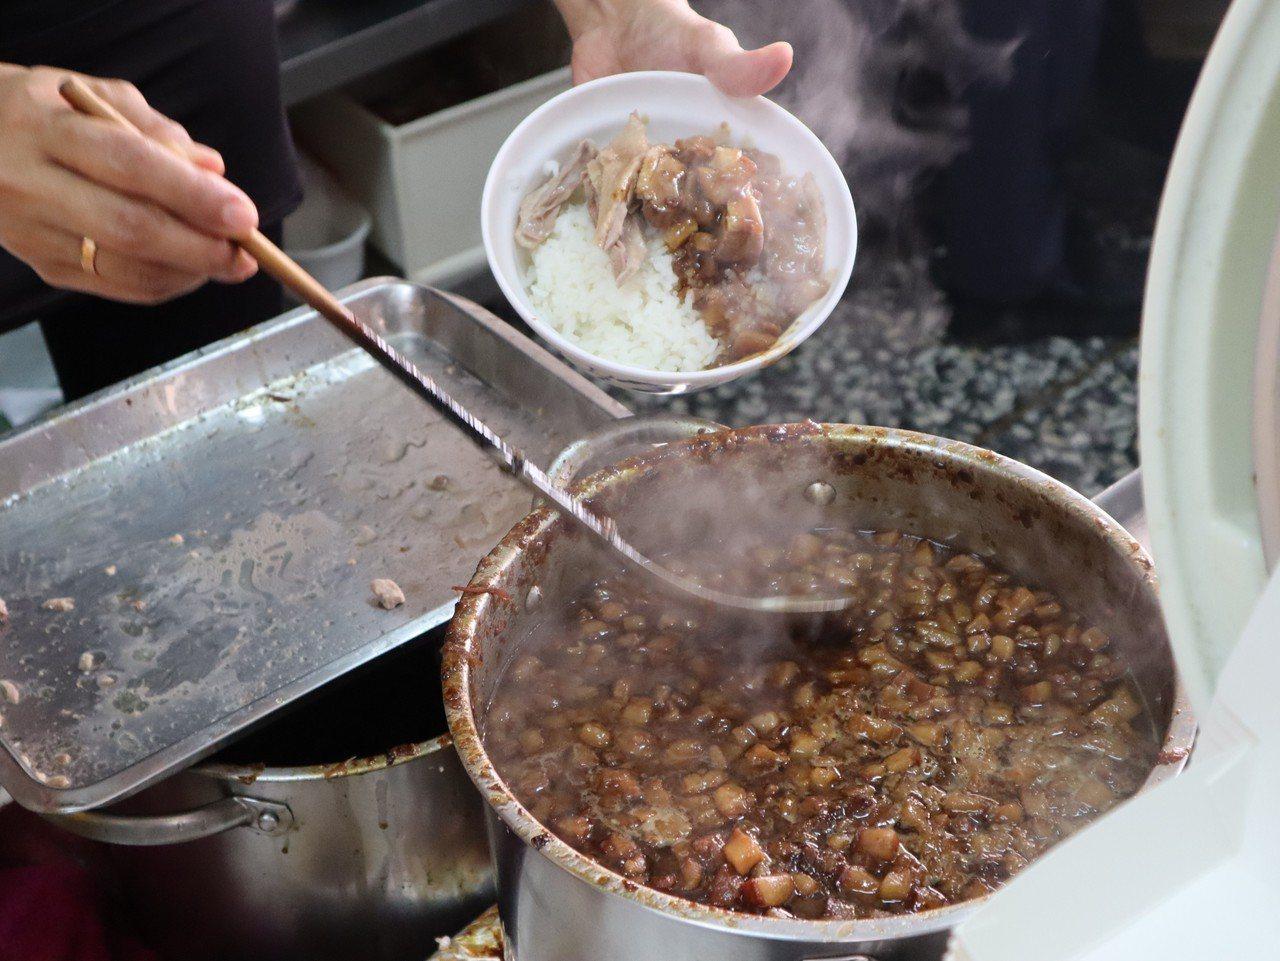 鴨肉飯業者說,韓國瑜前前後後來了約三次,每次都會點鴨肉飯。記者張媛榆/攝影